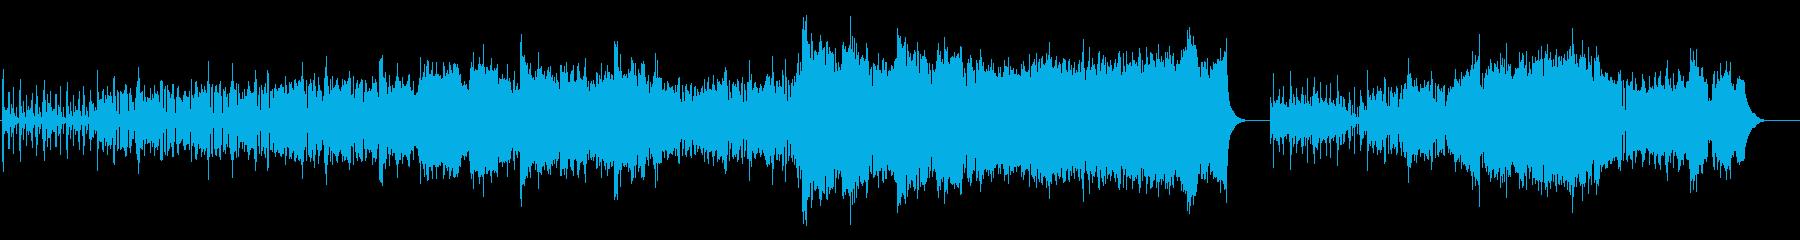 バグパイプを使った行進曲的なBGMの再生済みの波形